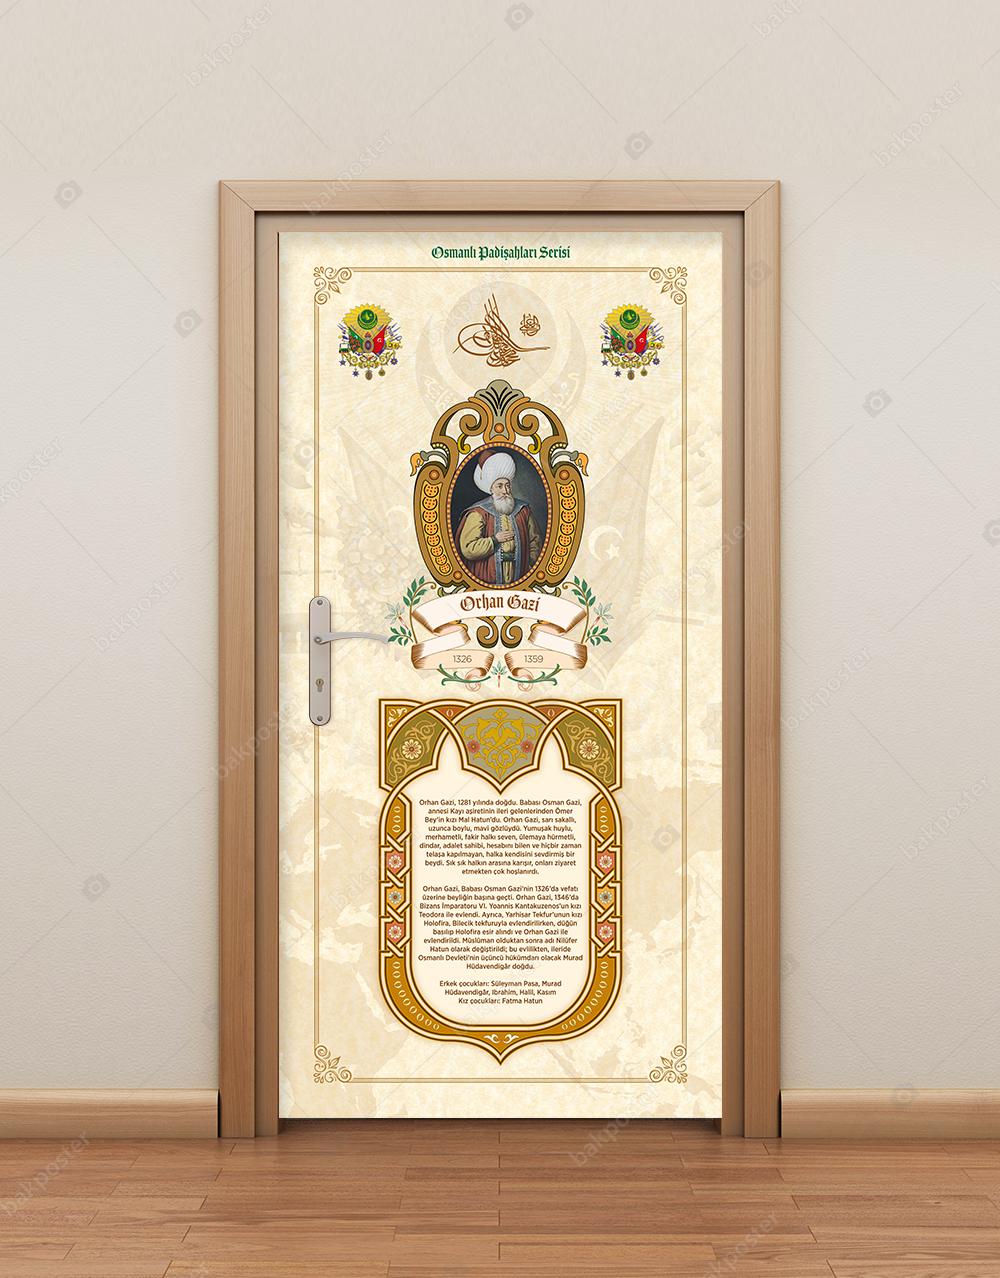 Osmanlı Padişahları Orhan Bey Kapı Giydirme